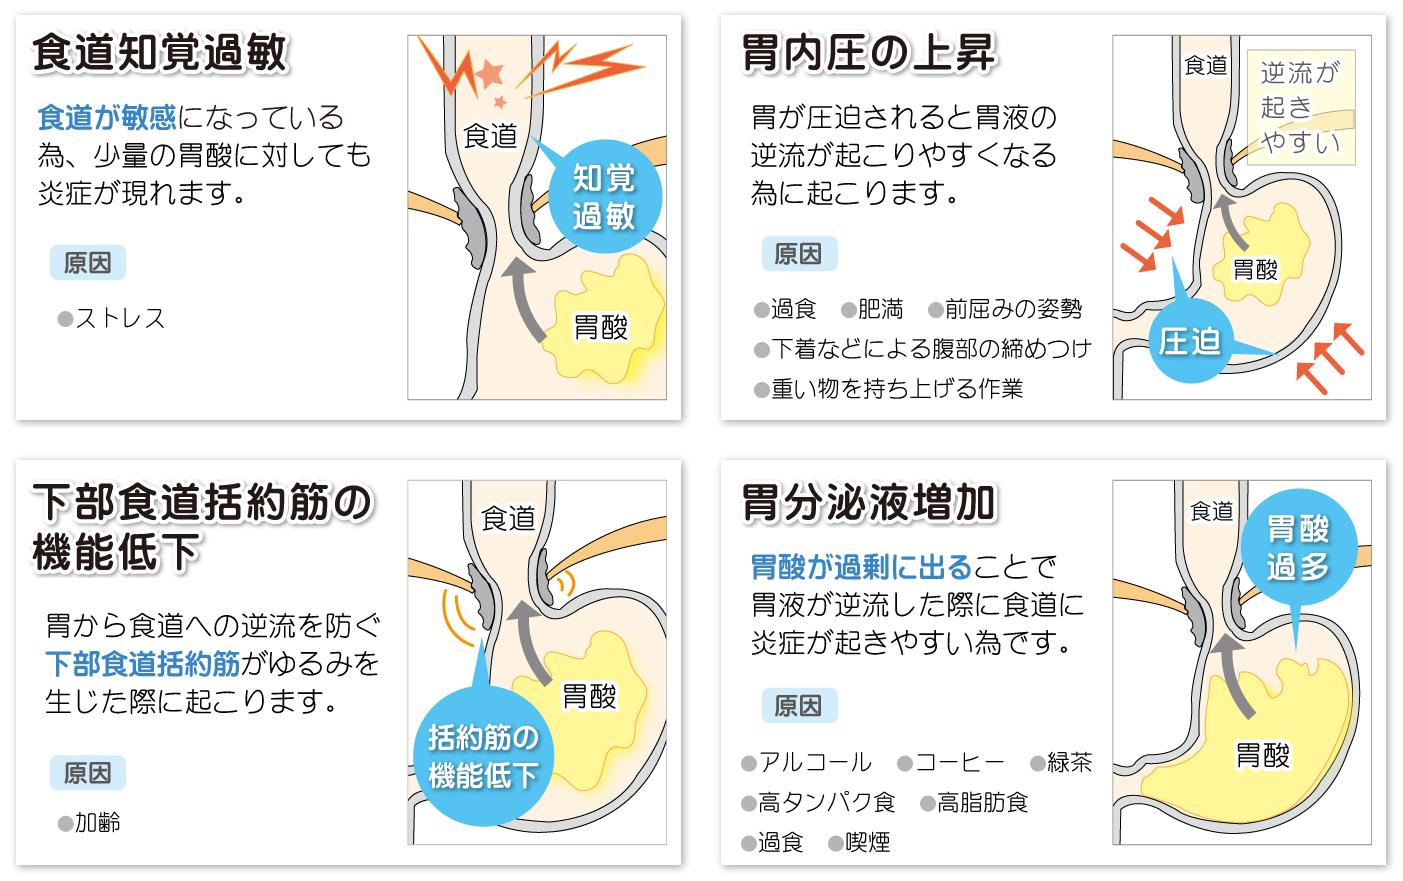 【画像】逆流性食道炎の仕組み解説イラスト